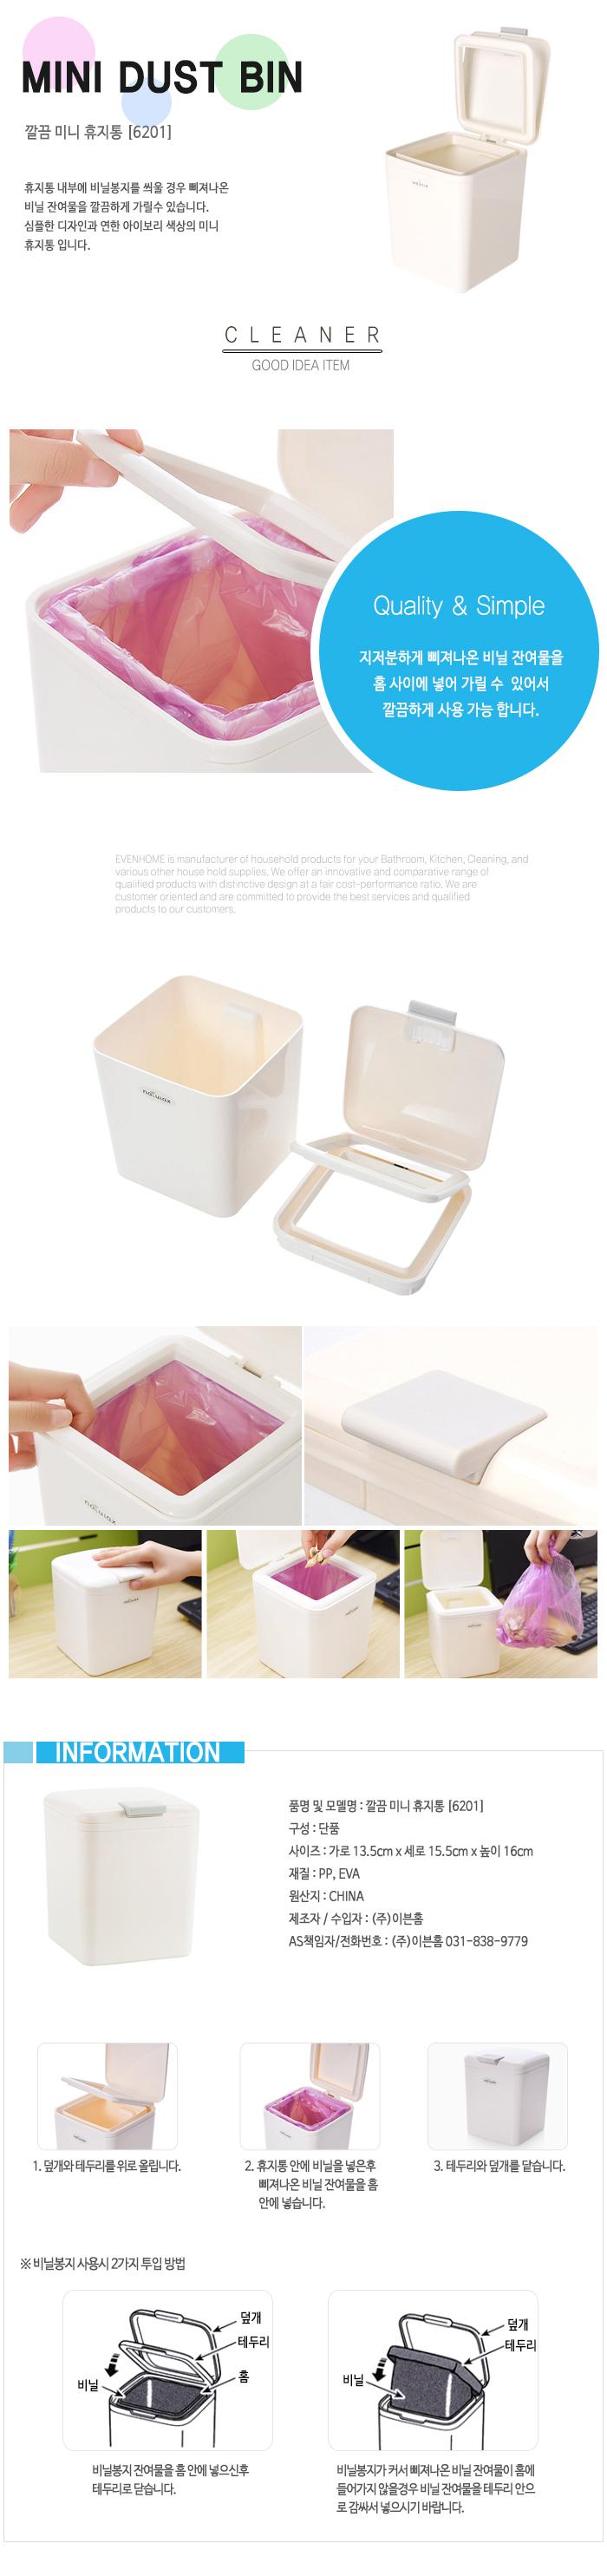 비닐 잔여물을 깔끔하게 커버 가능한 미니 휴지통